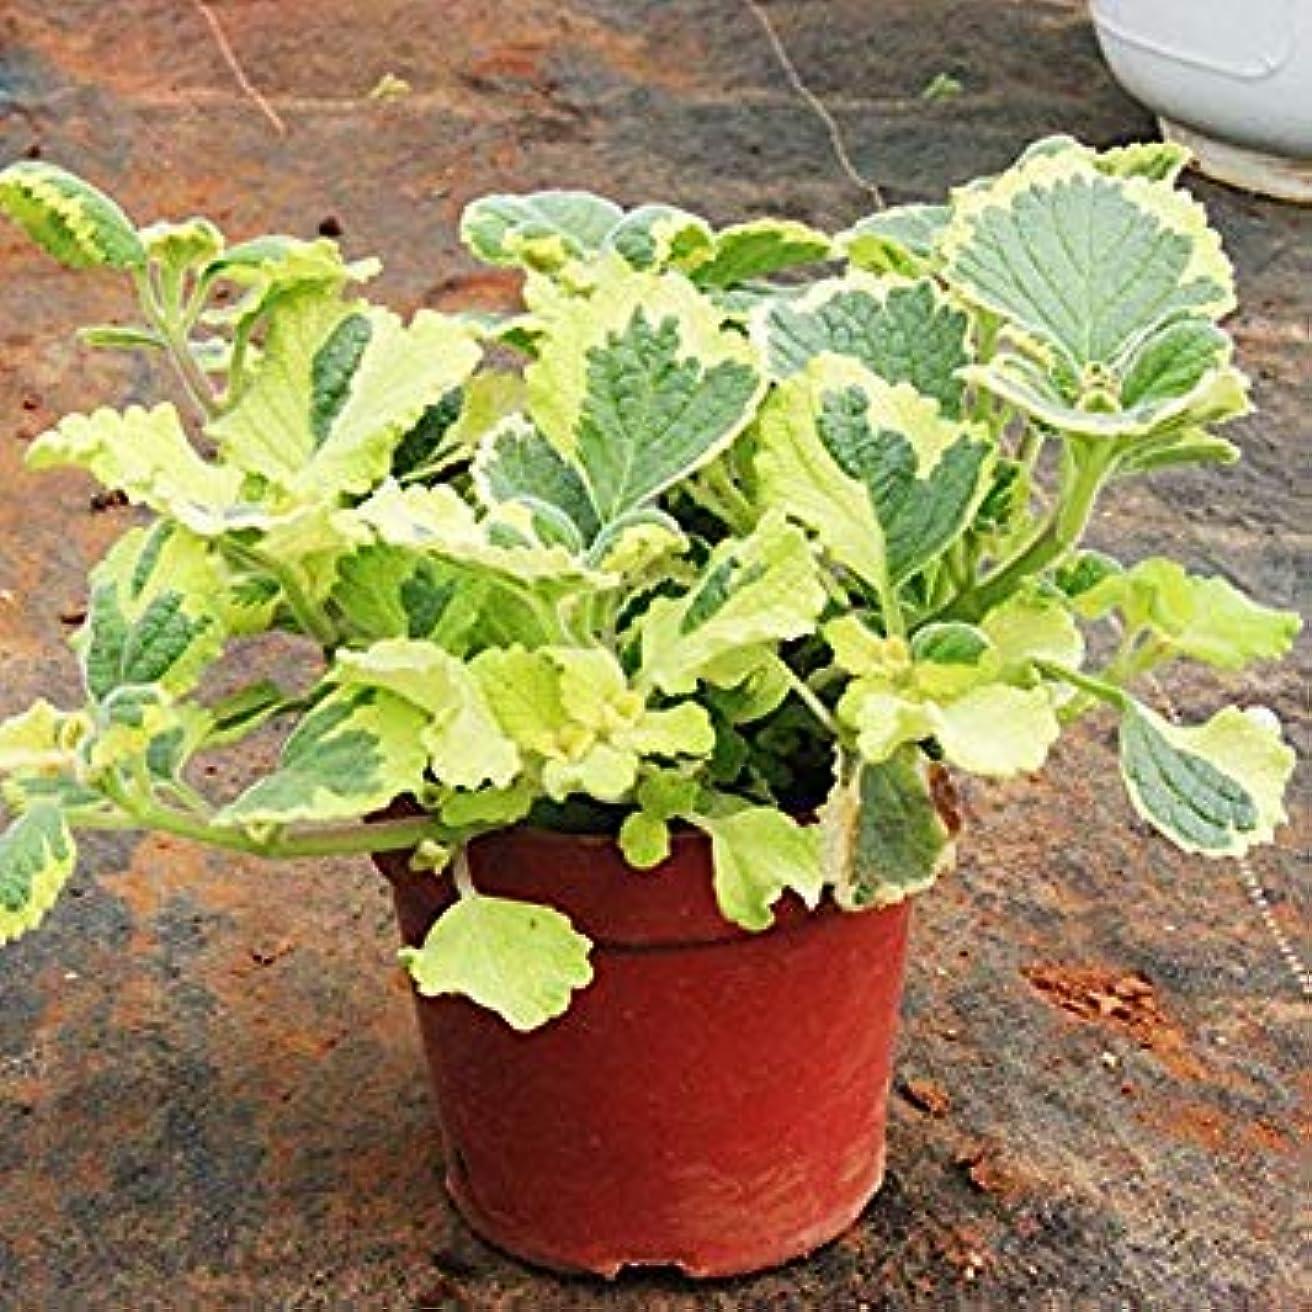 スカーフ一致チャーミングプリザーブドフラワー種子1000個より風味豊かな、Originは野菜種子、ICA Var.Tumidaザイカイ種子を選びます